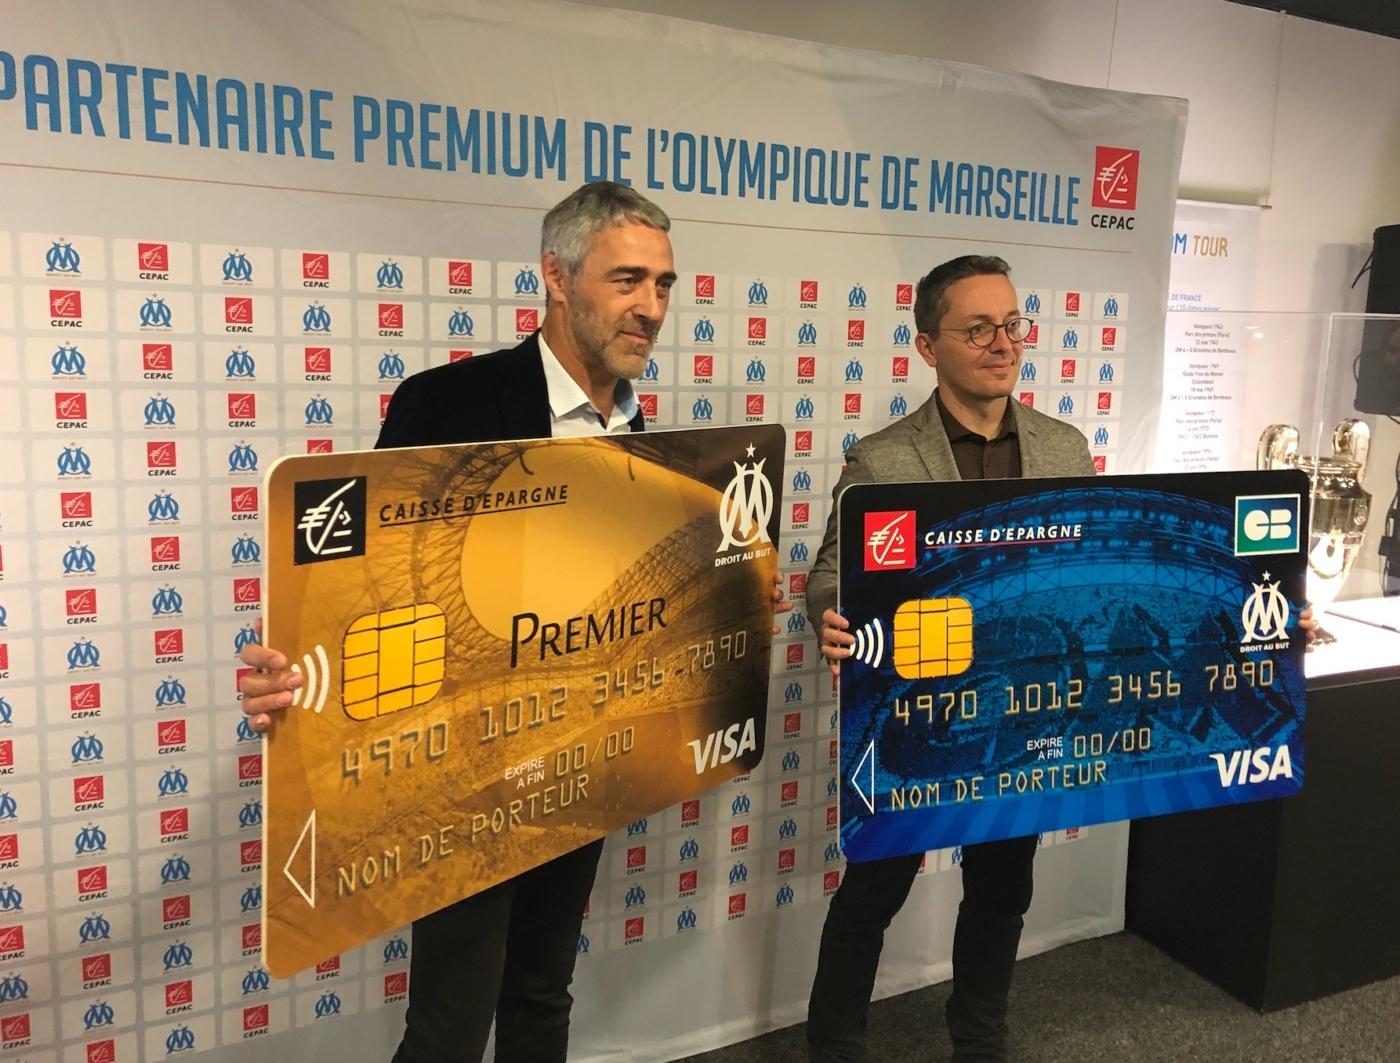 , La Caisse d'Epargne CEPAC lance ses nouvelles cartes bancaires de l'OM, Made in Marseille, Made in Marseille